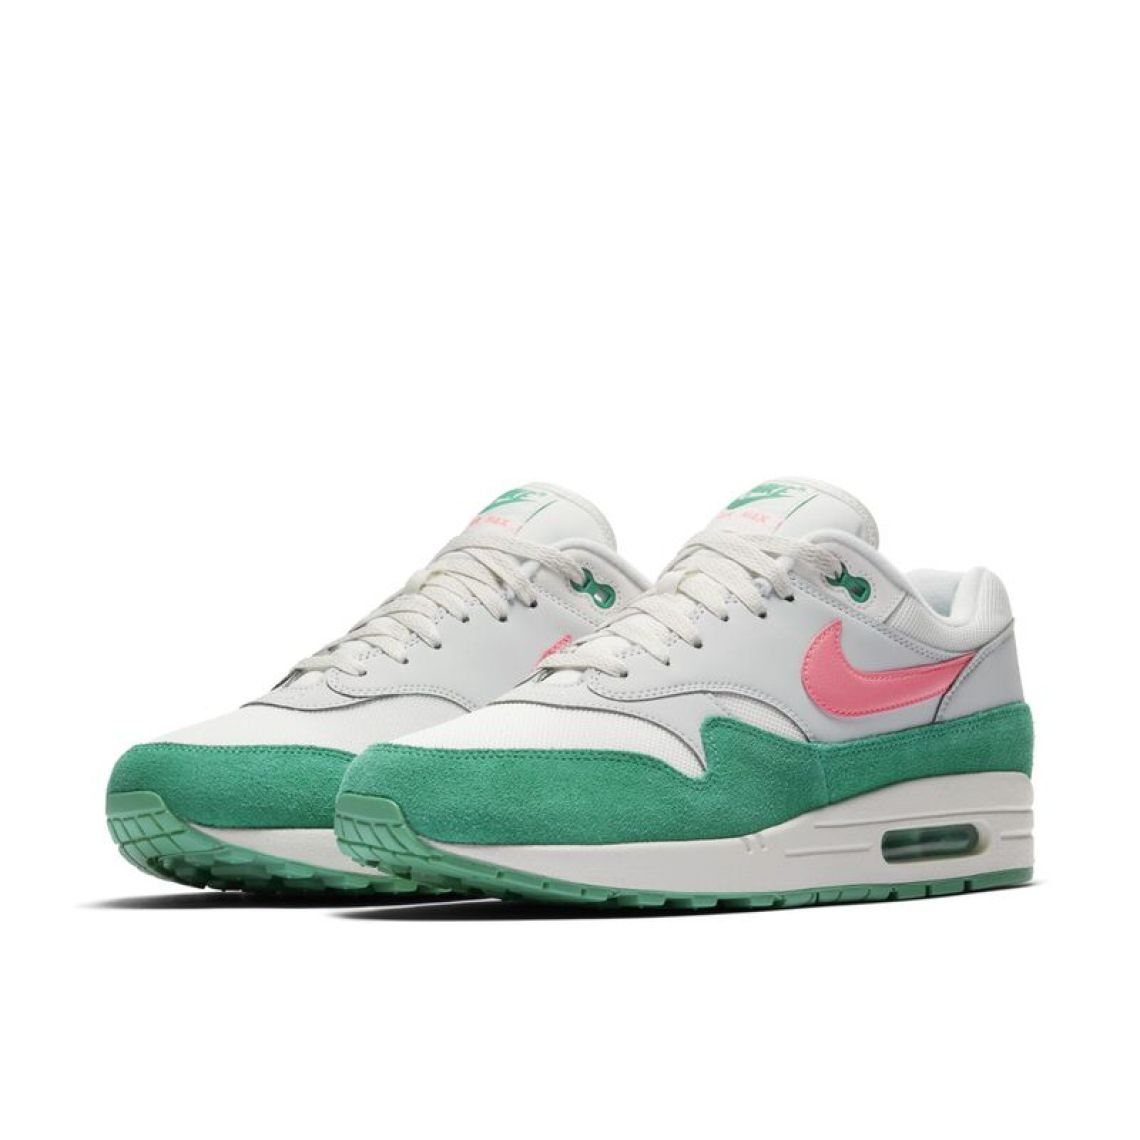 nike air max 1 pinkgreen spring 2018 nice kicks